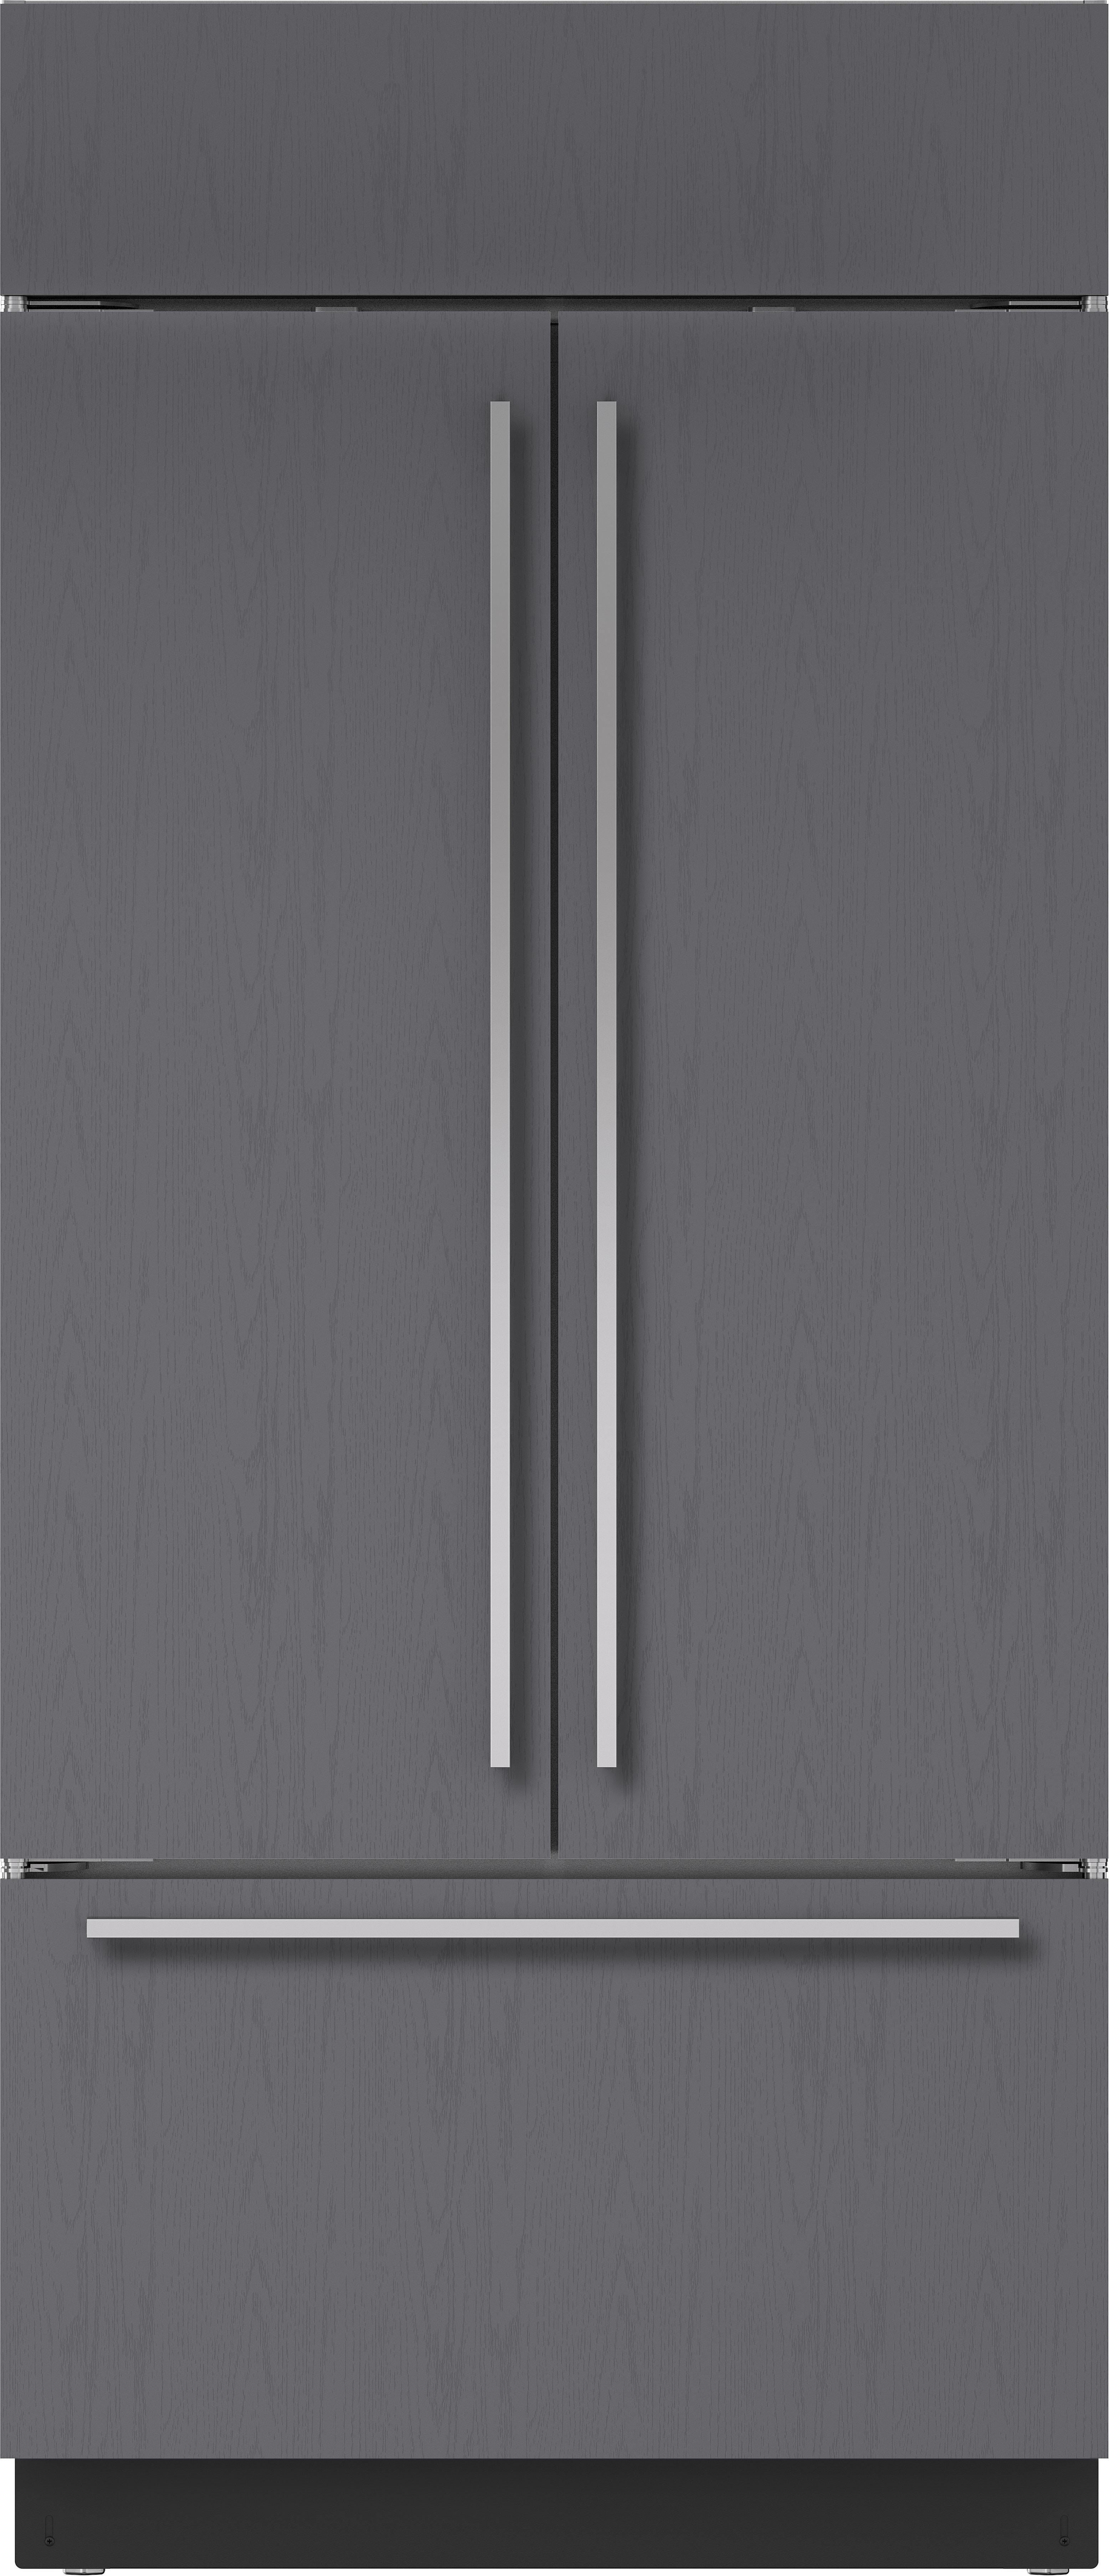 Sub Zero Bi36ufdo 36 Inch Built In French Door